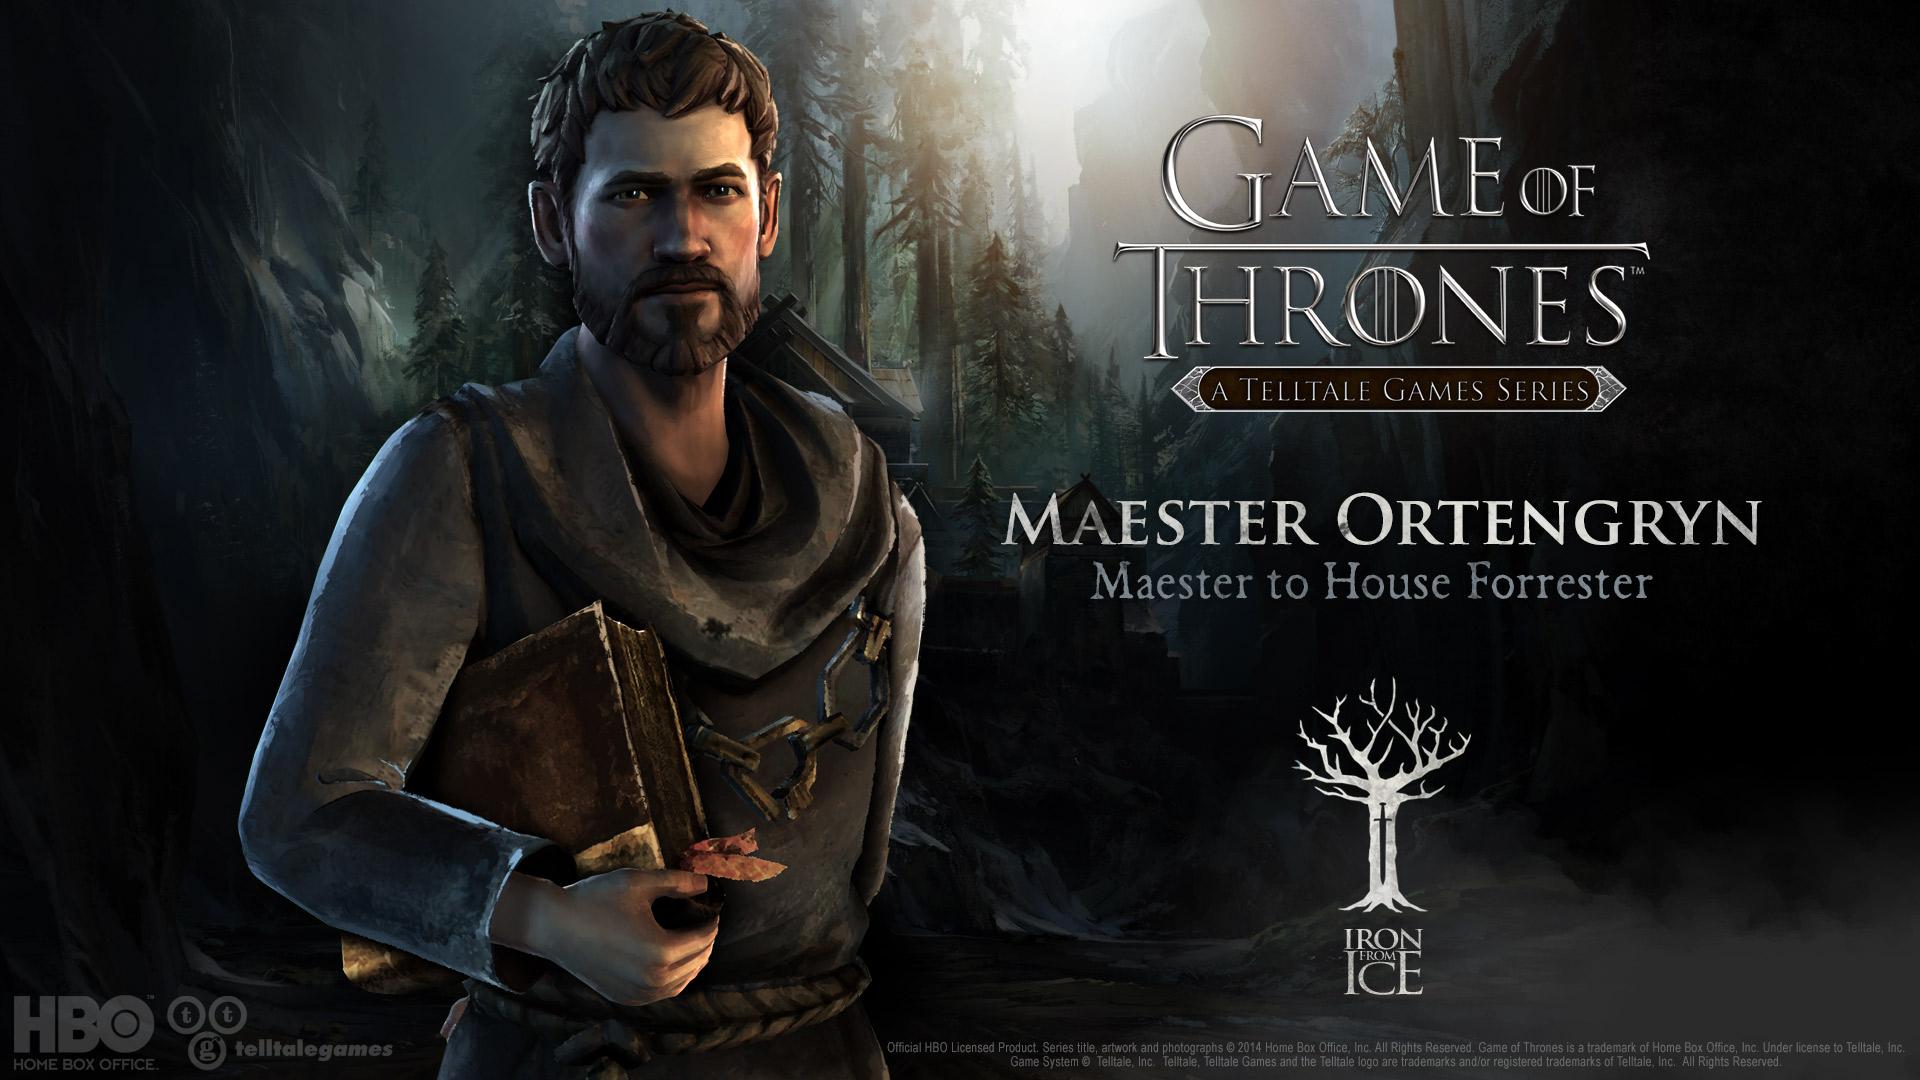 TheGameofThrones-ATelltaleGamesSeries PC Visuel 010